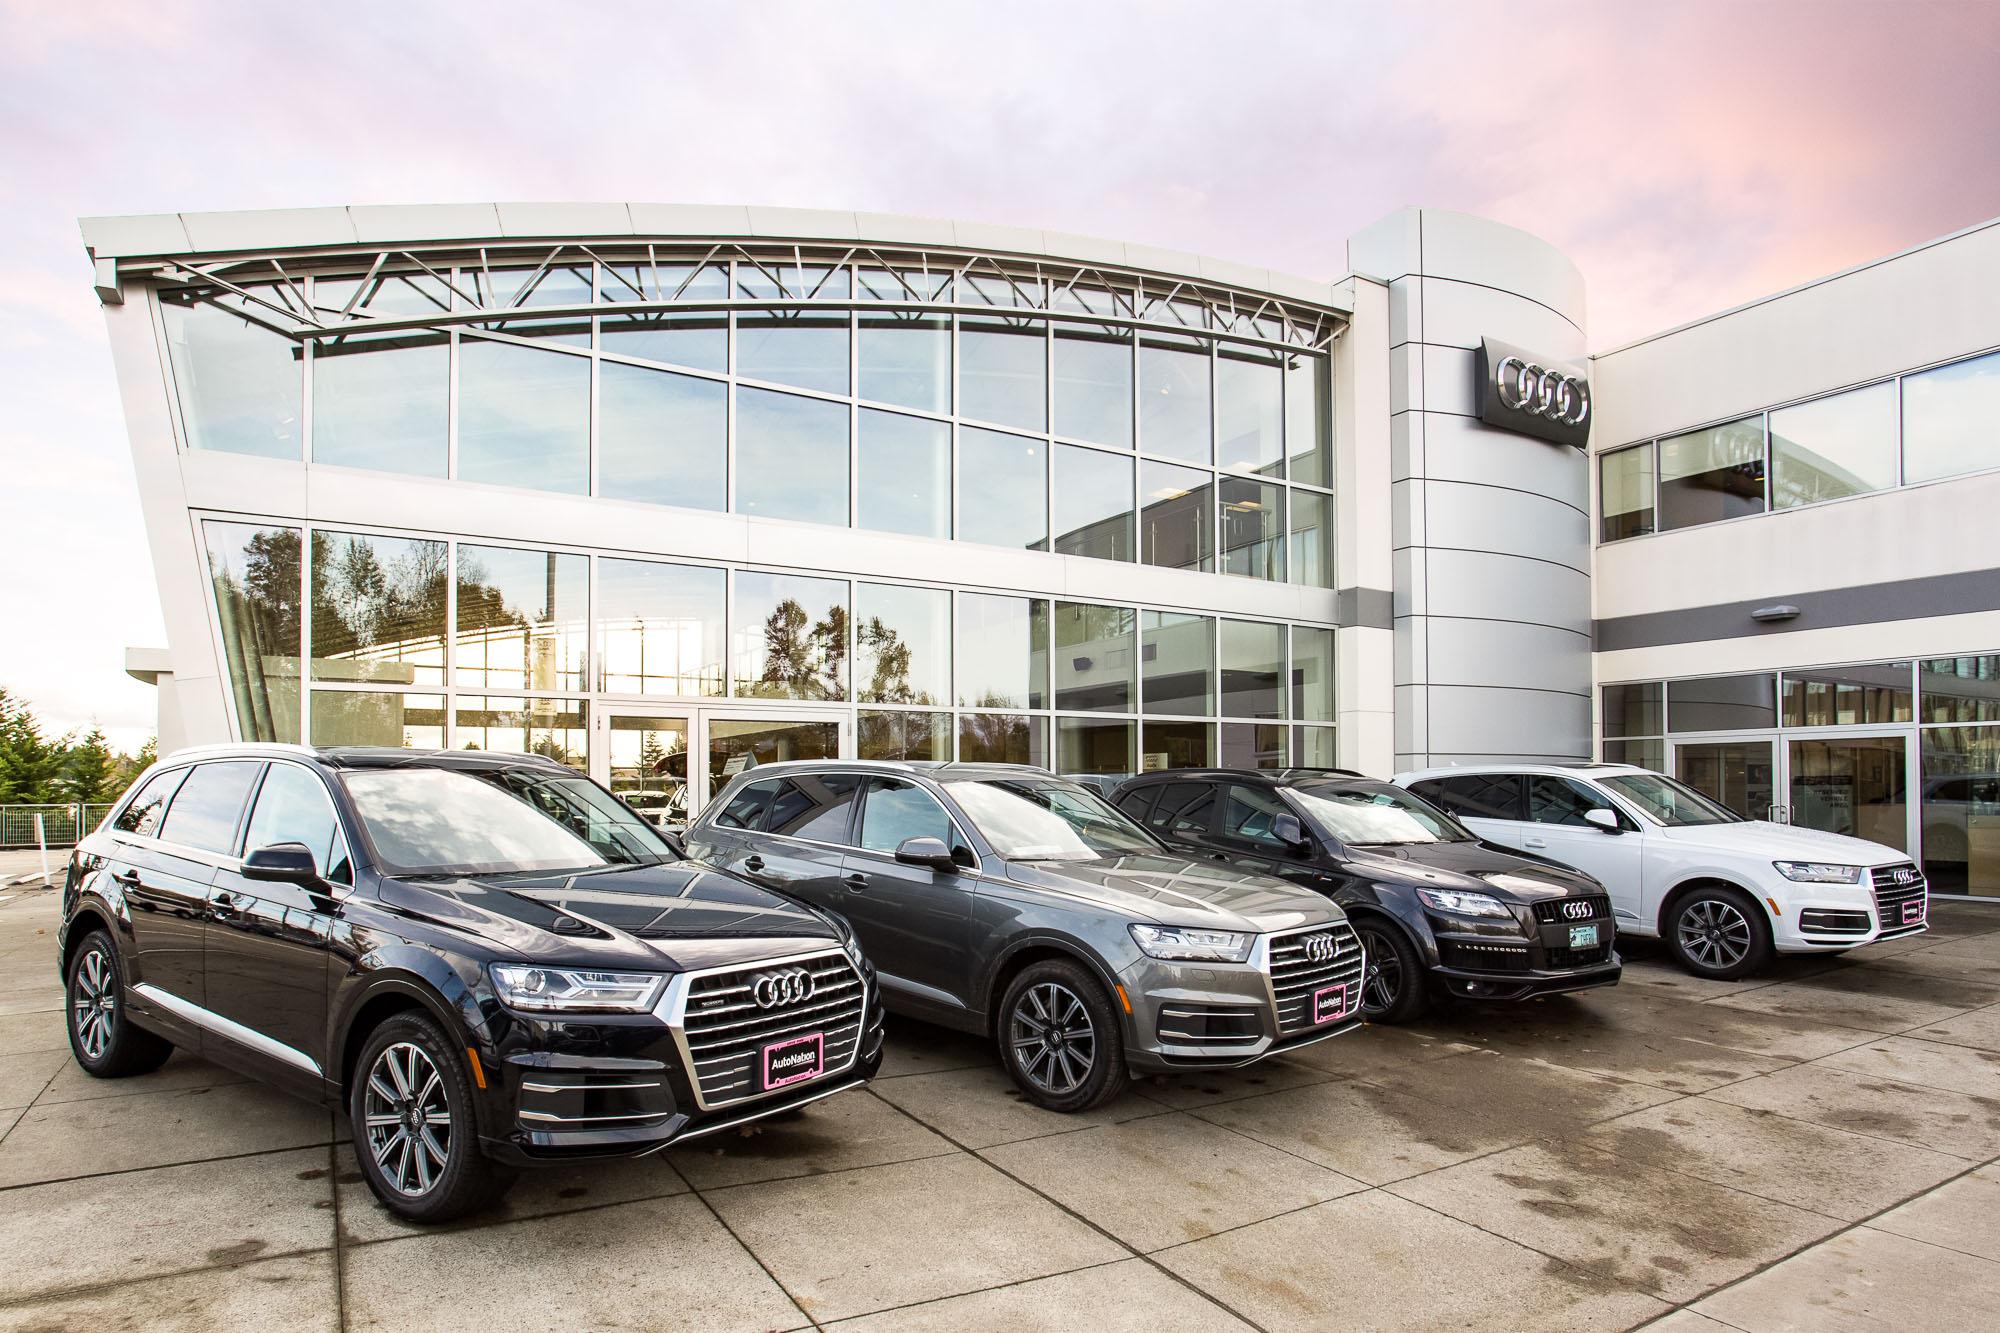 Bellingham Car Dealerships >> Autonation Bellevue Audi - *RL Miller Photography*RL Miller Photography